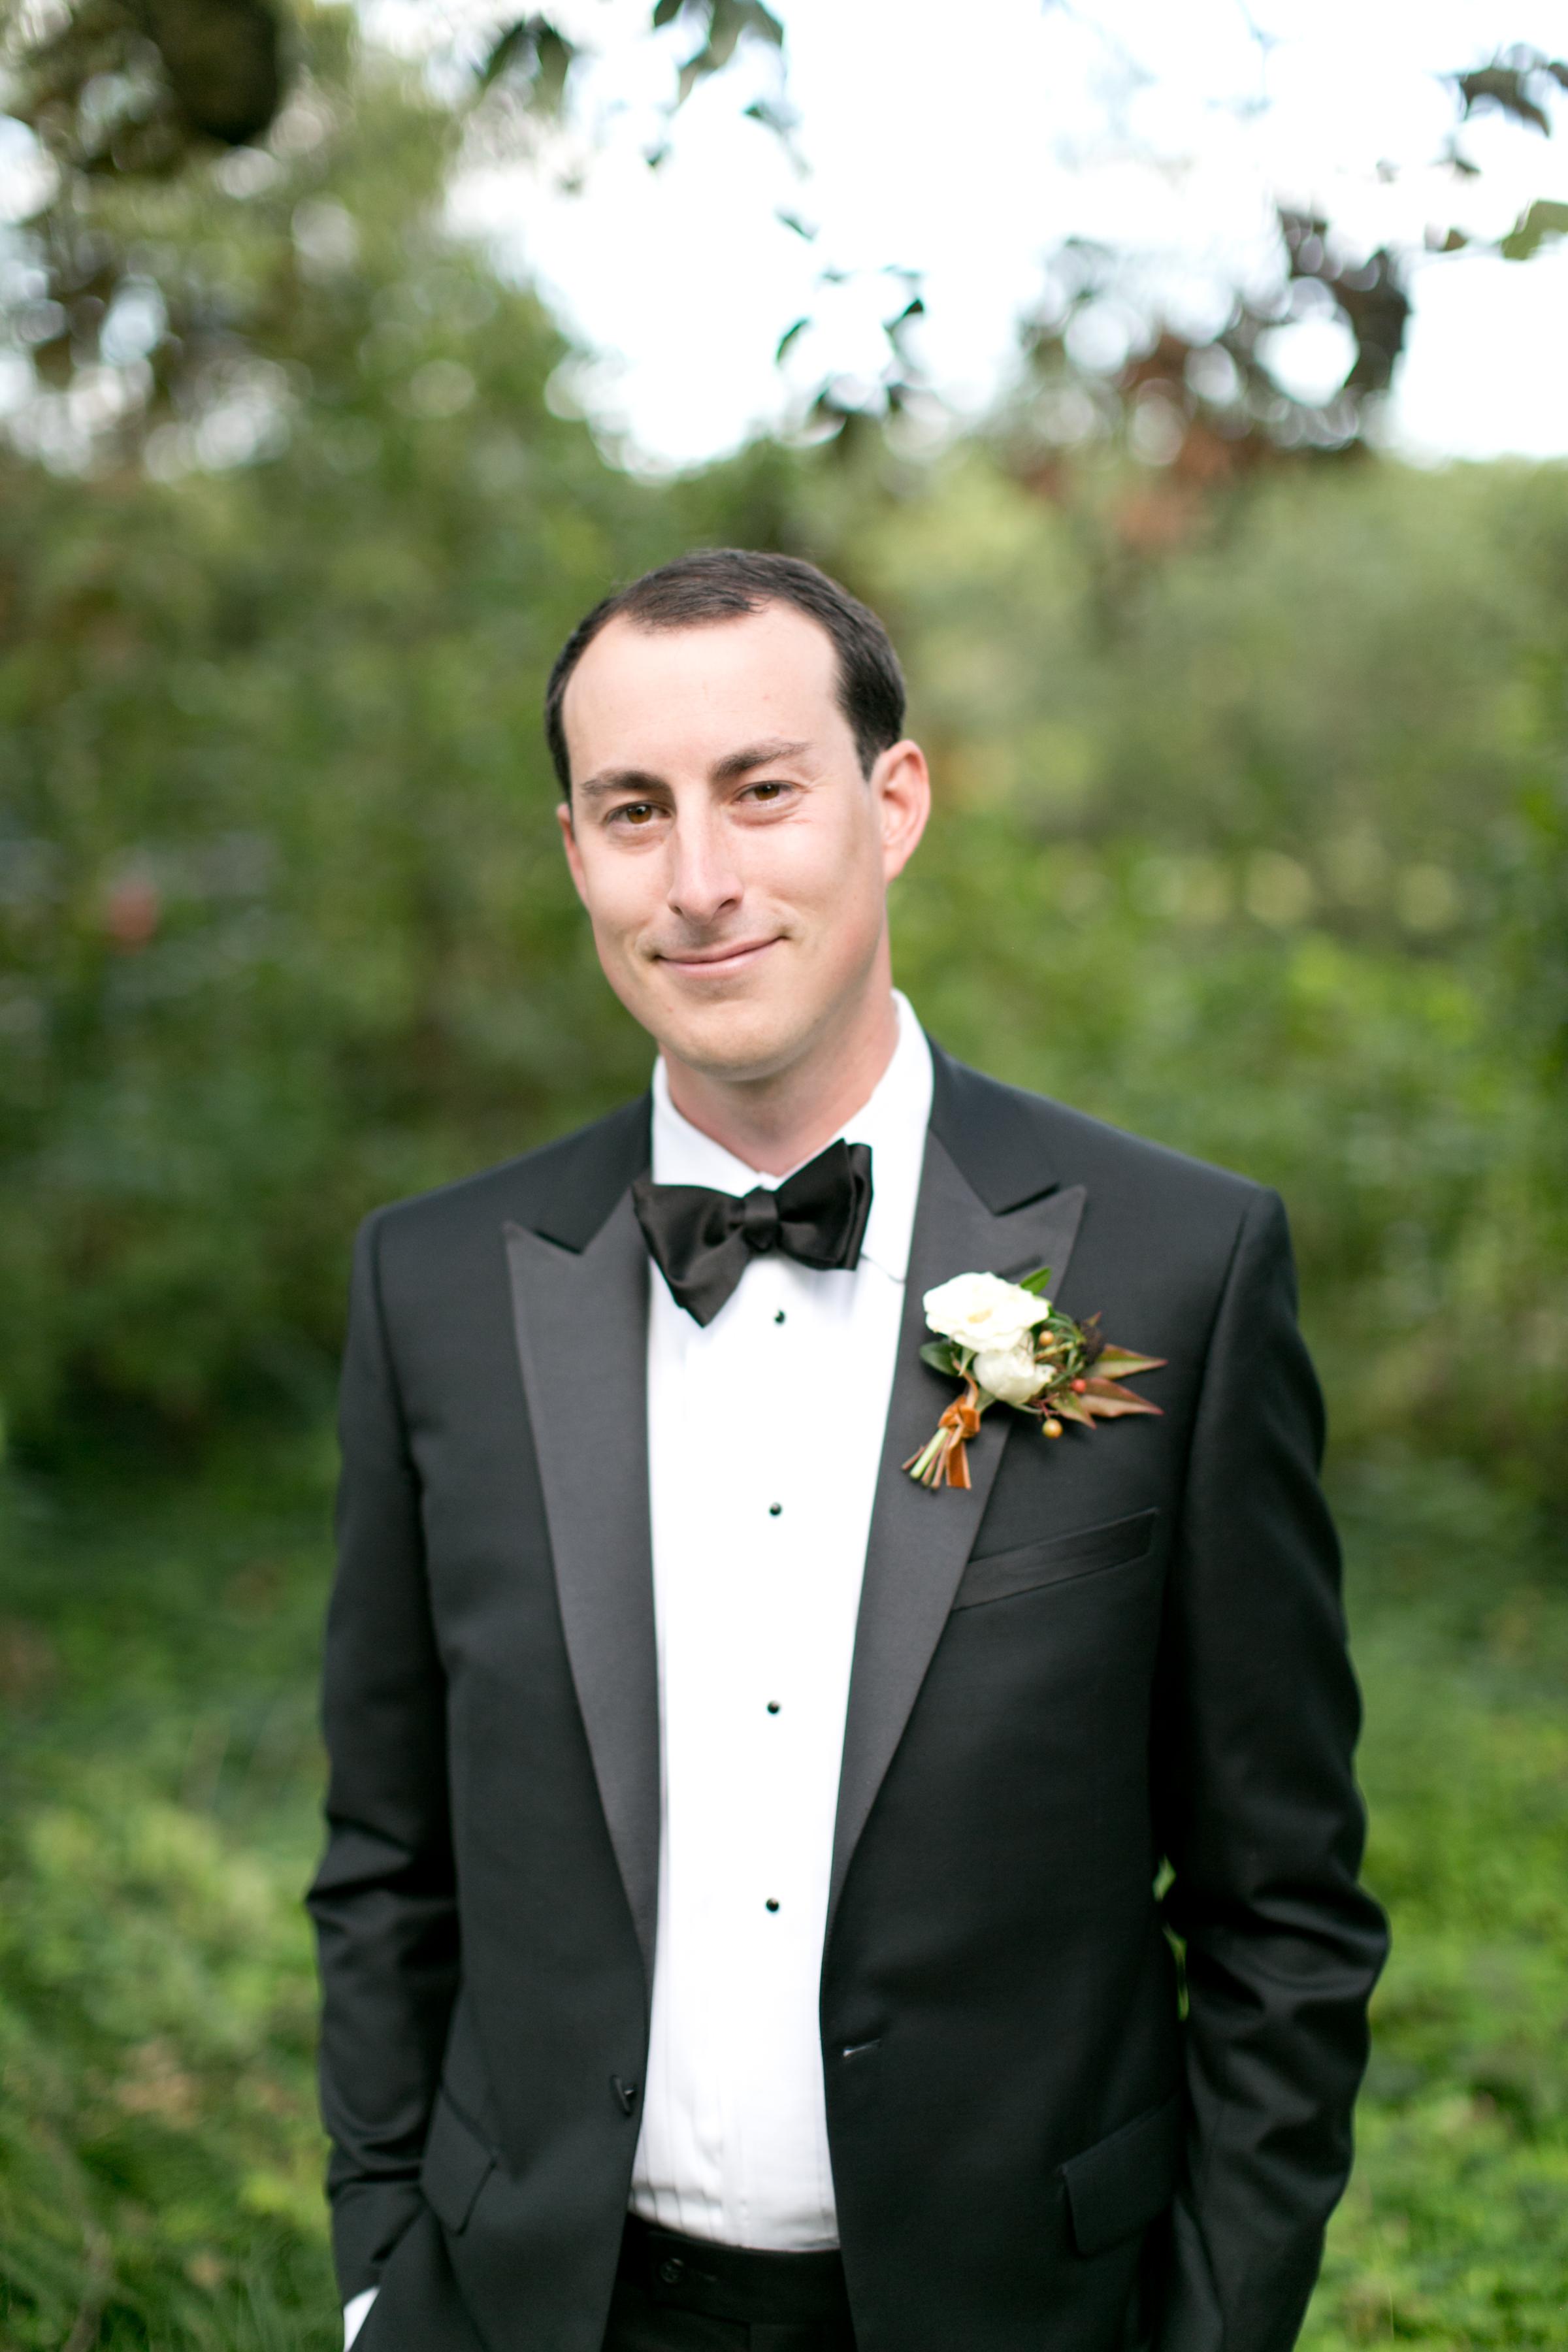 asheville_wedding_photographer064.jpg